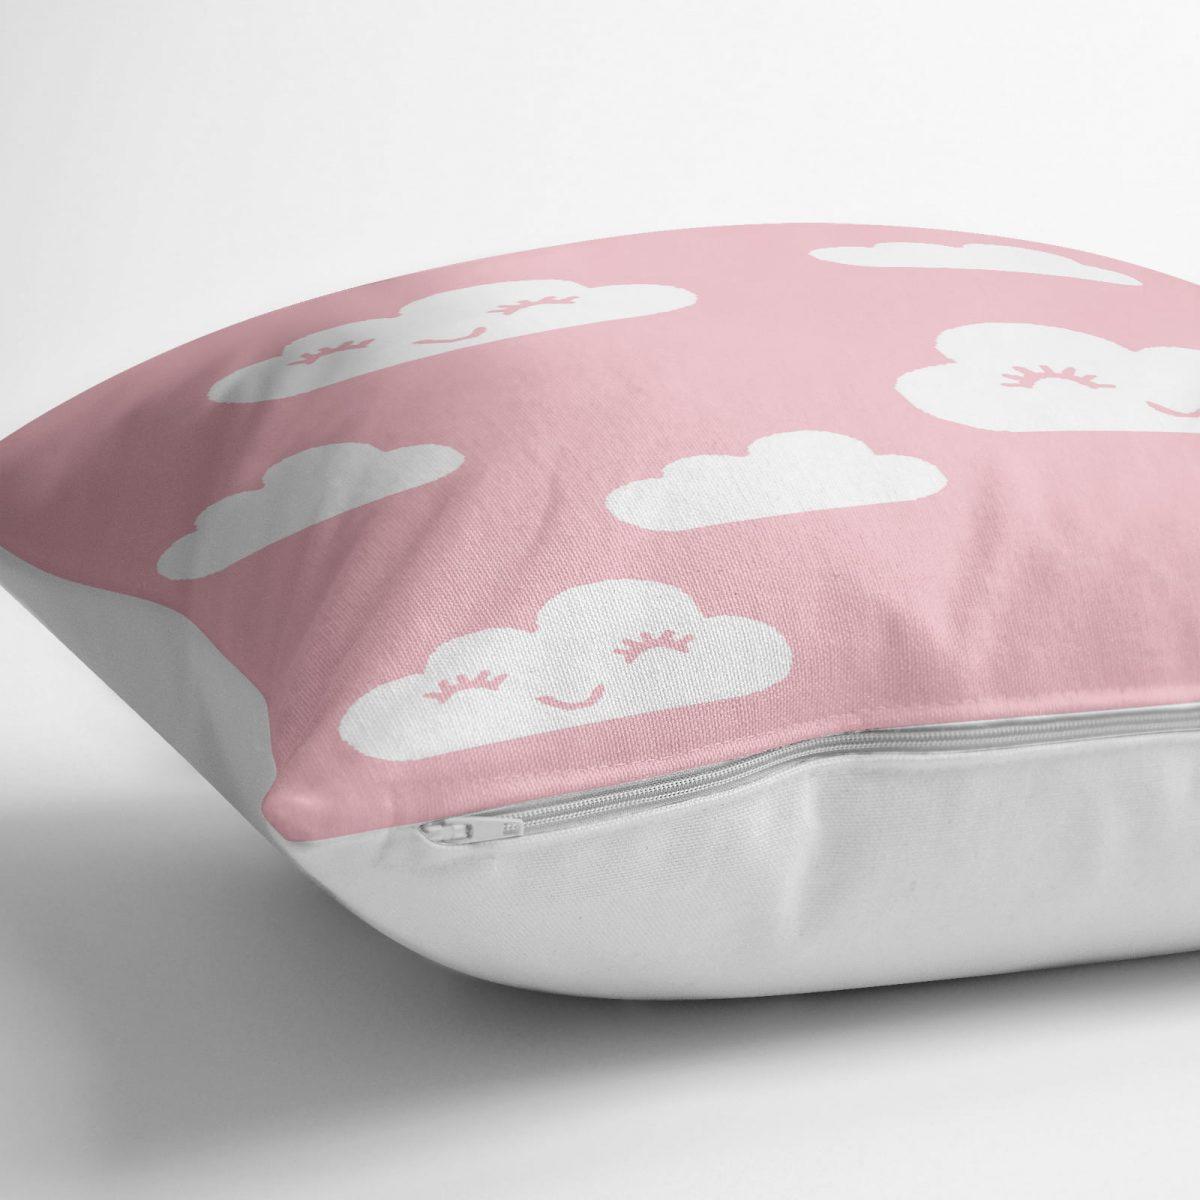 Pembe Zeminli Bulut Desenli Dijital Baskılı Yer Minderi - 70 x 70 cm Realhomes